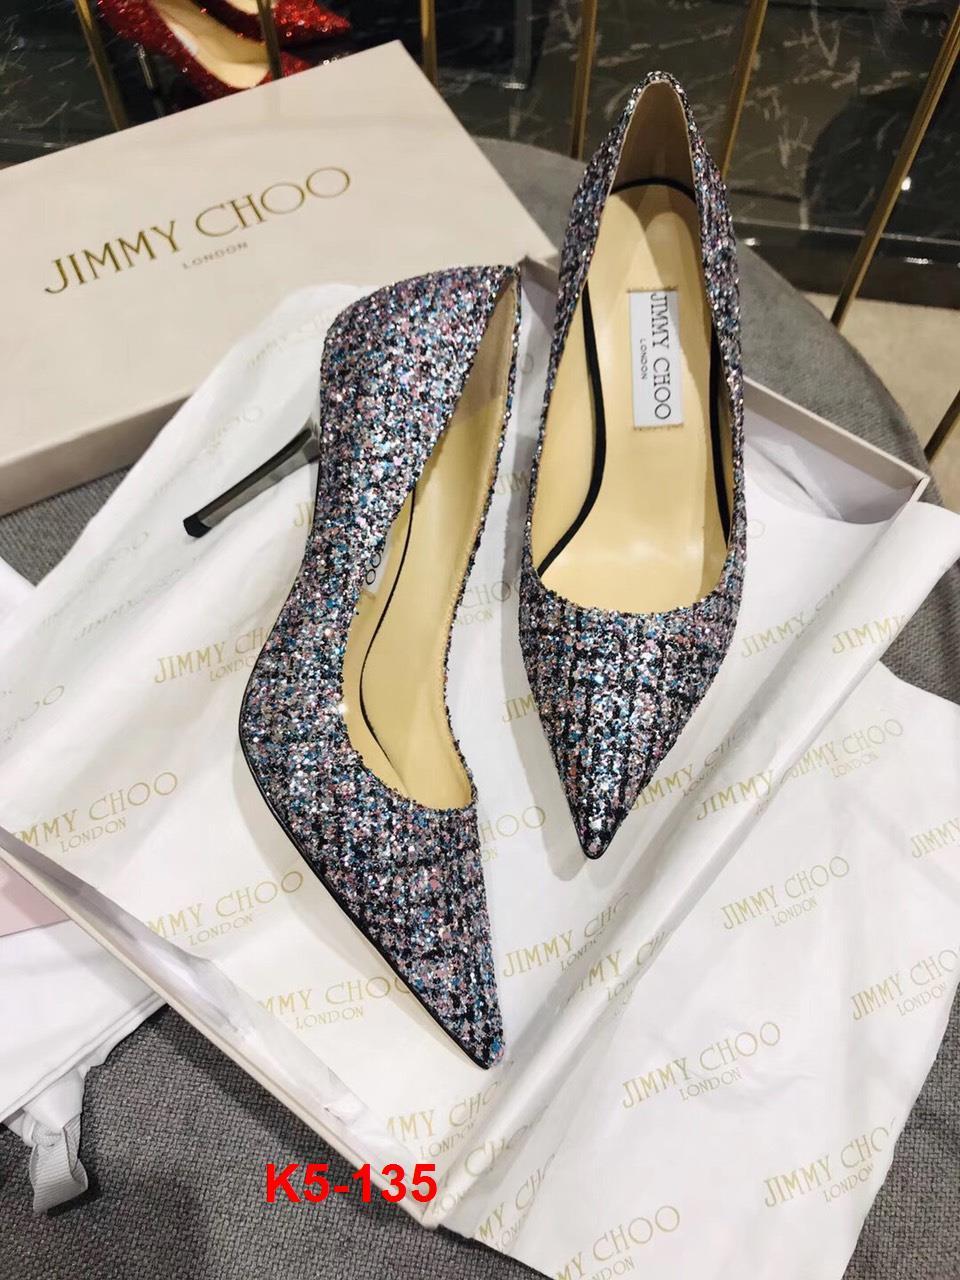 K5-135 Jimmy Choo giày cao 9cm siêu cấp